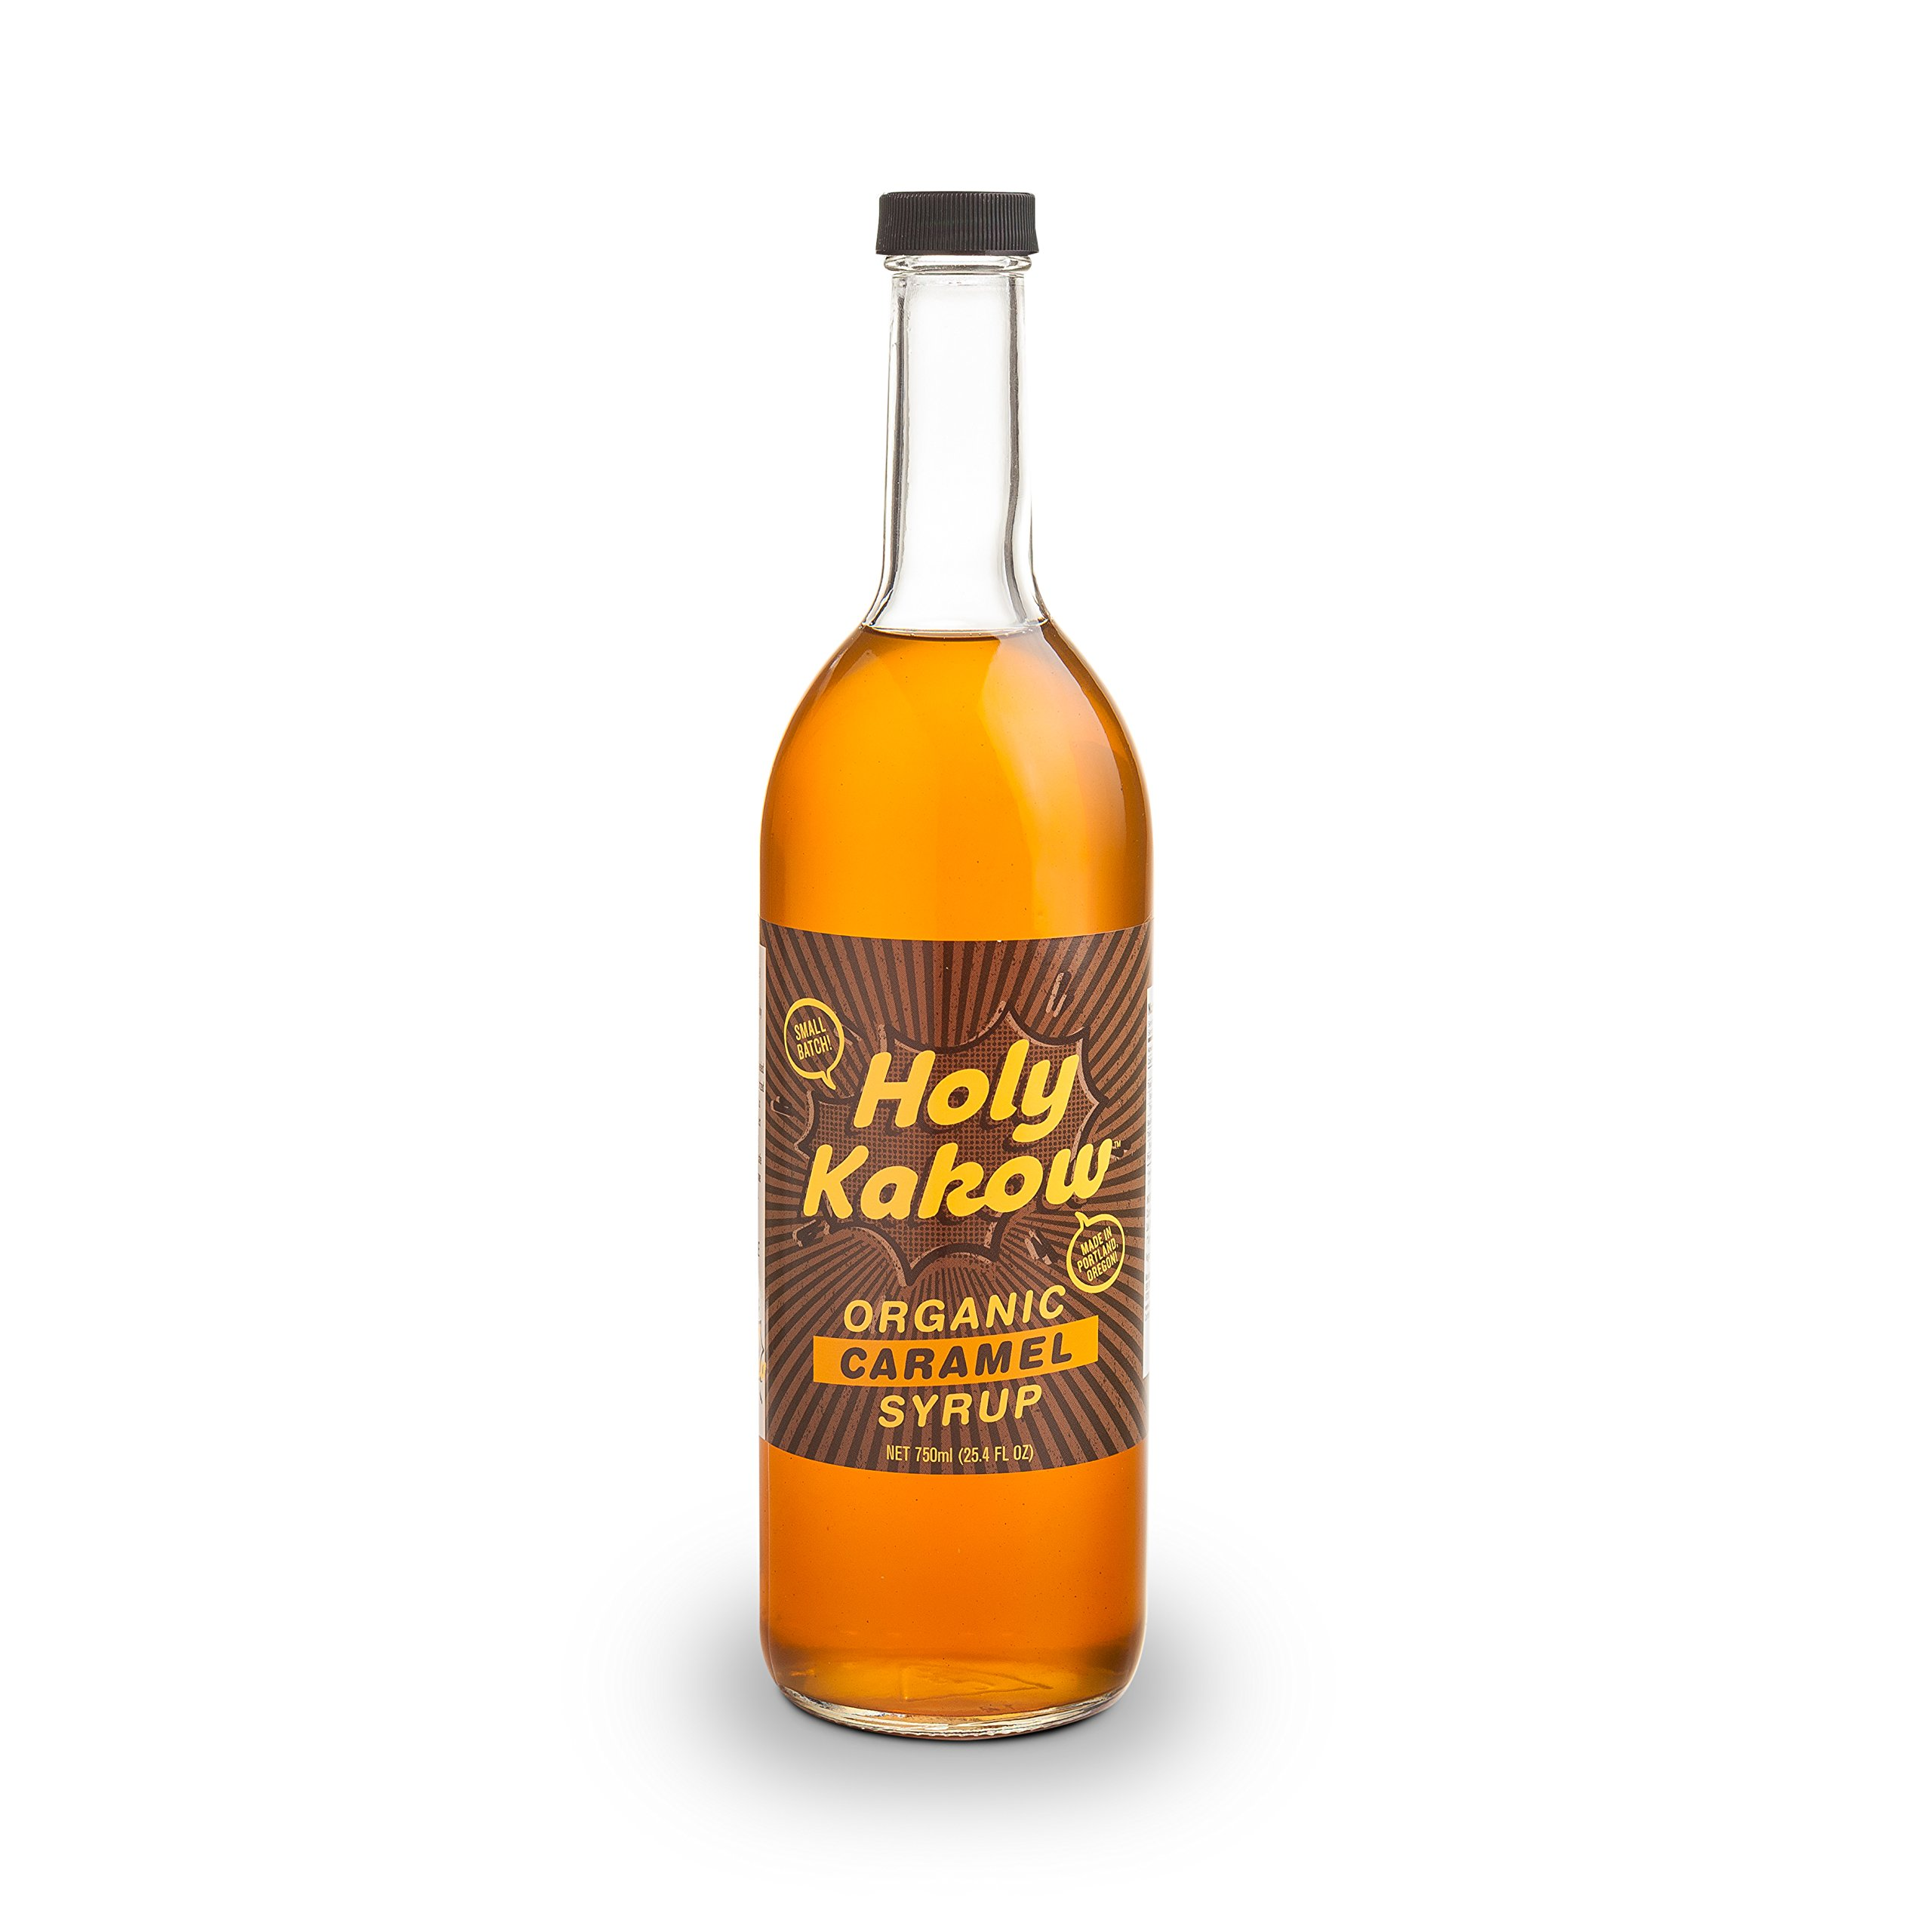 Holy Kakow Cafe Organic Caramel Syrup - 750ml